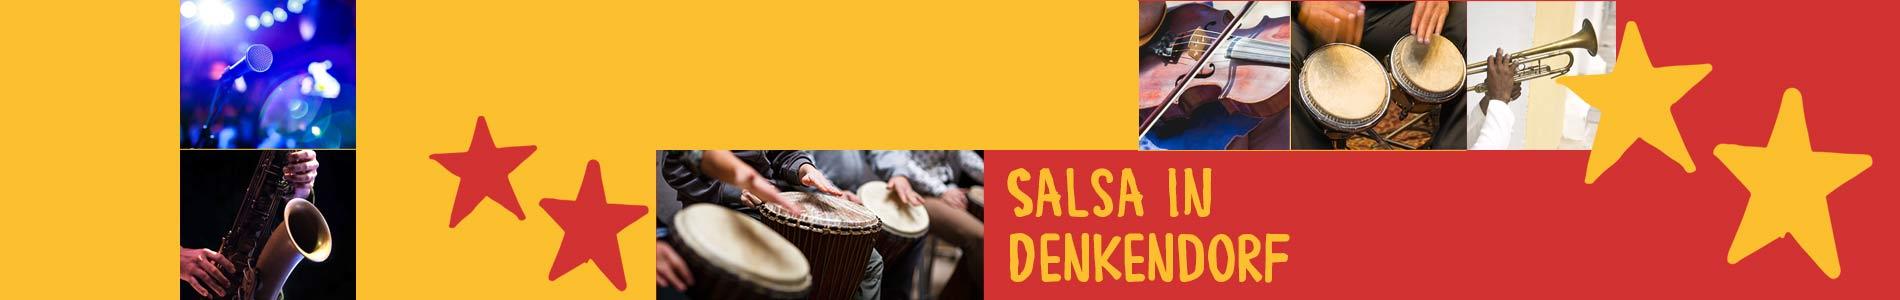 Salsa in Denkendorf – Salsa lernen und tanzen, Tanzkurse, Partys, Veranstaltungen